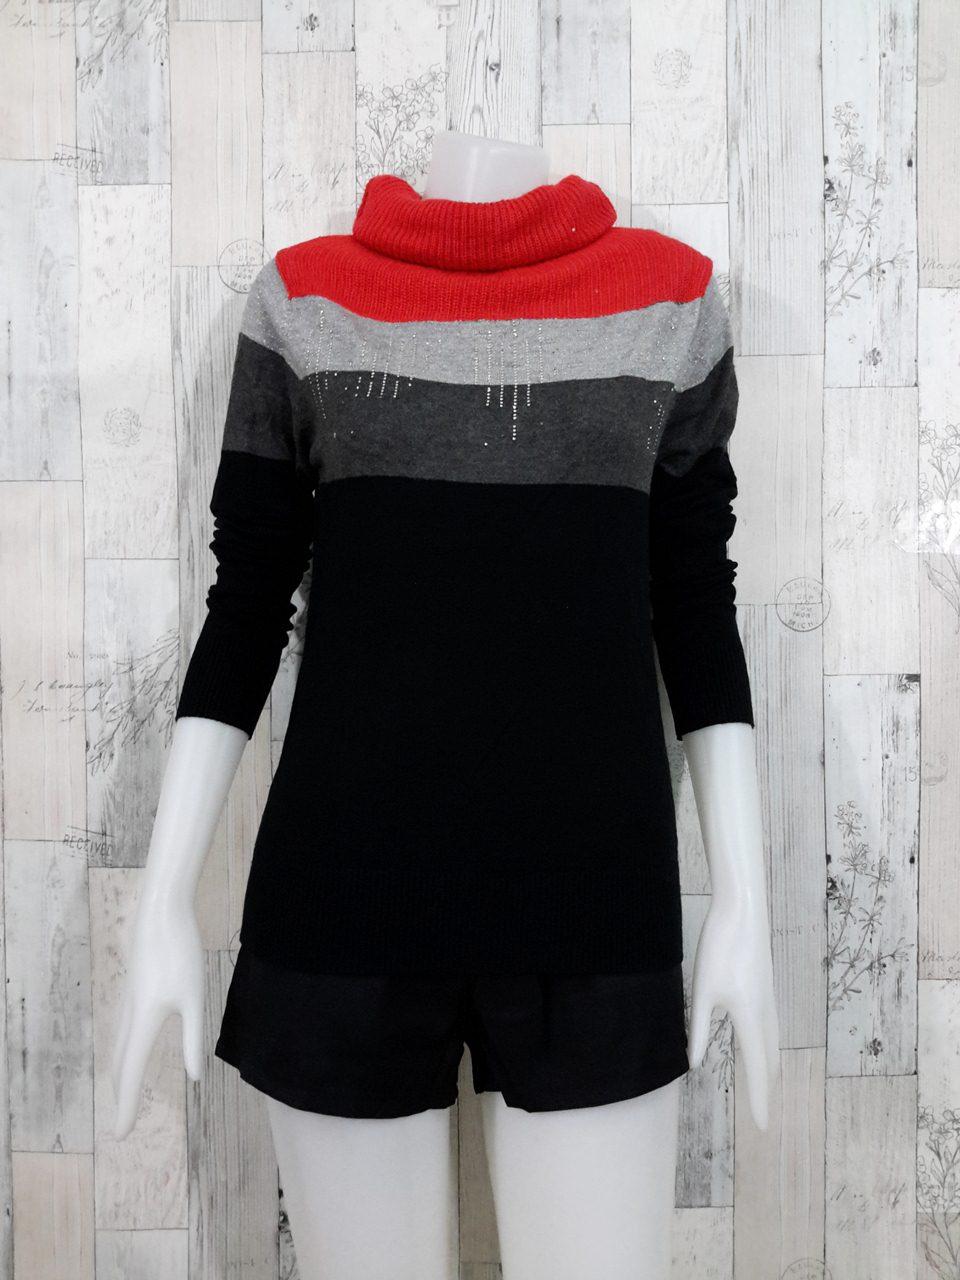 Blouse3542 2nd hand clothes เสื้อไหมพรมเนื้อแน่นผ้านุ่ม(เนื้อหนาปานกลางมีน้ำหนัก) แขนยาว คอเต่า โทนสีดำเทาส้ม